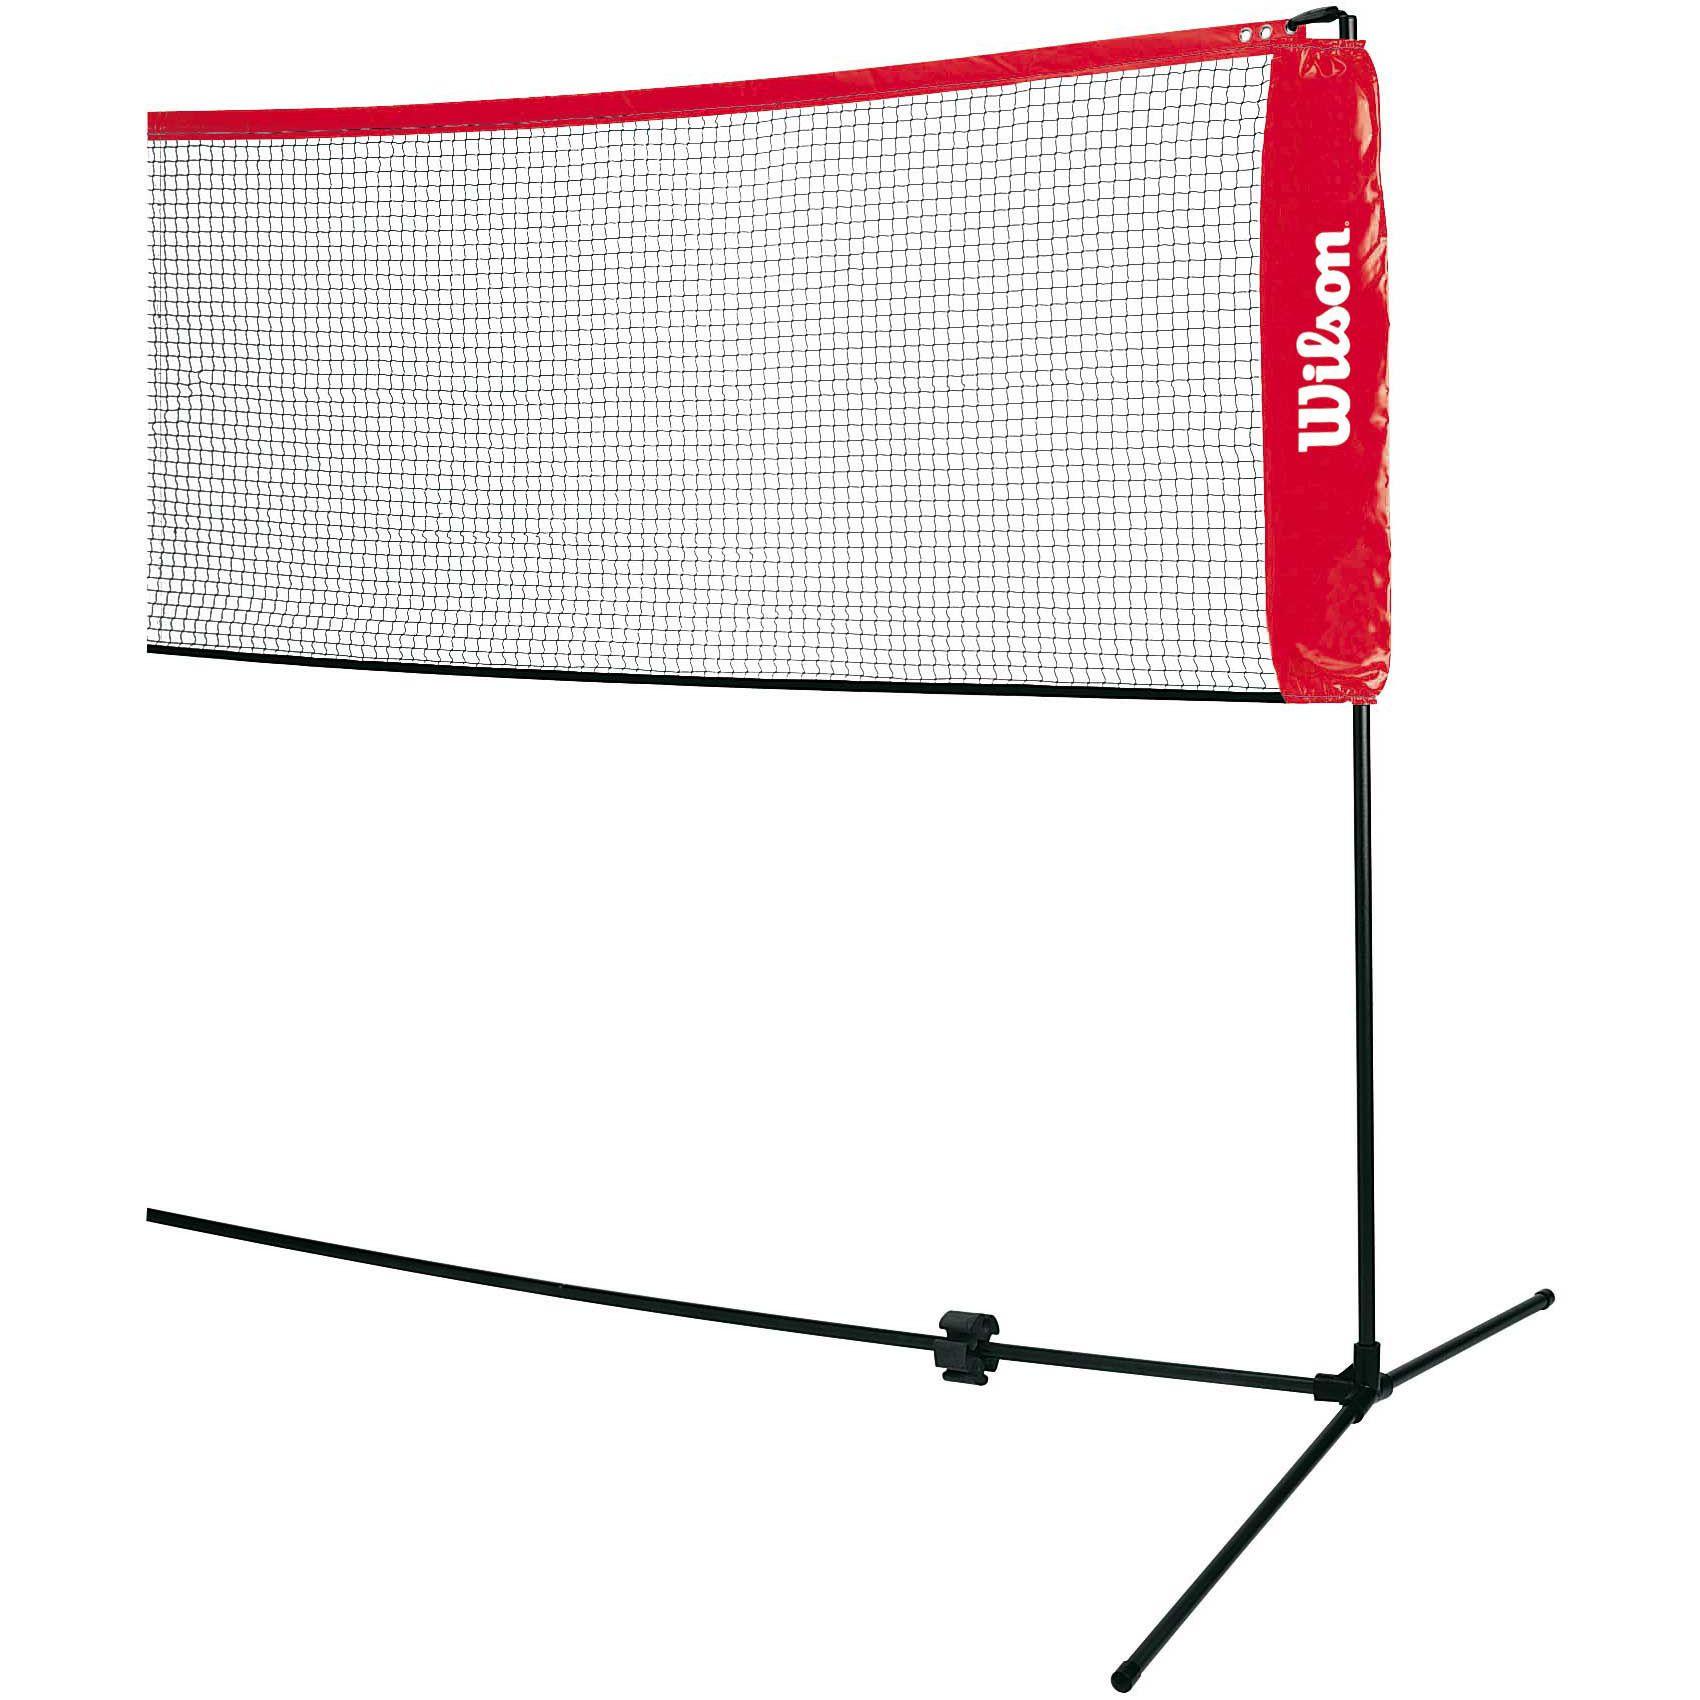 Wilson Tennis Net 3 2m